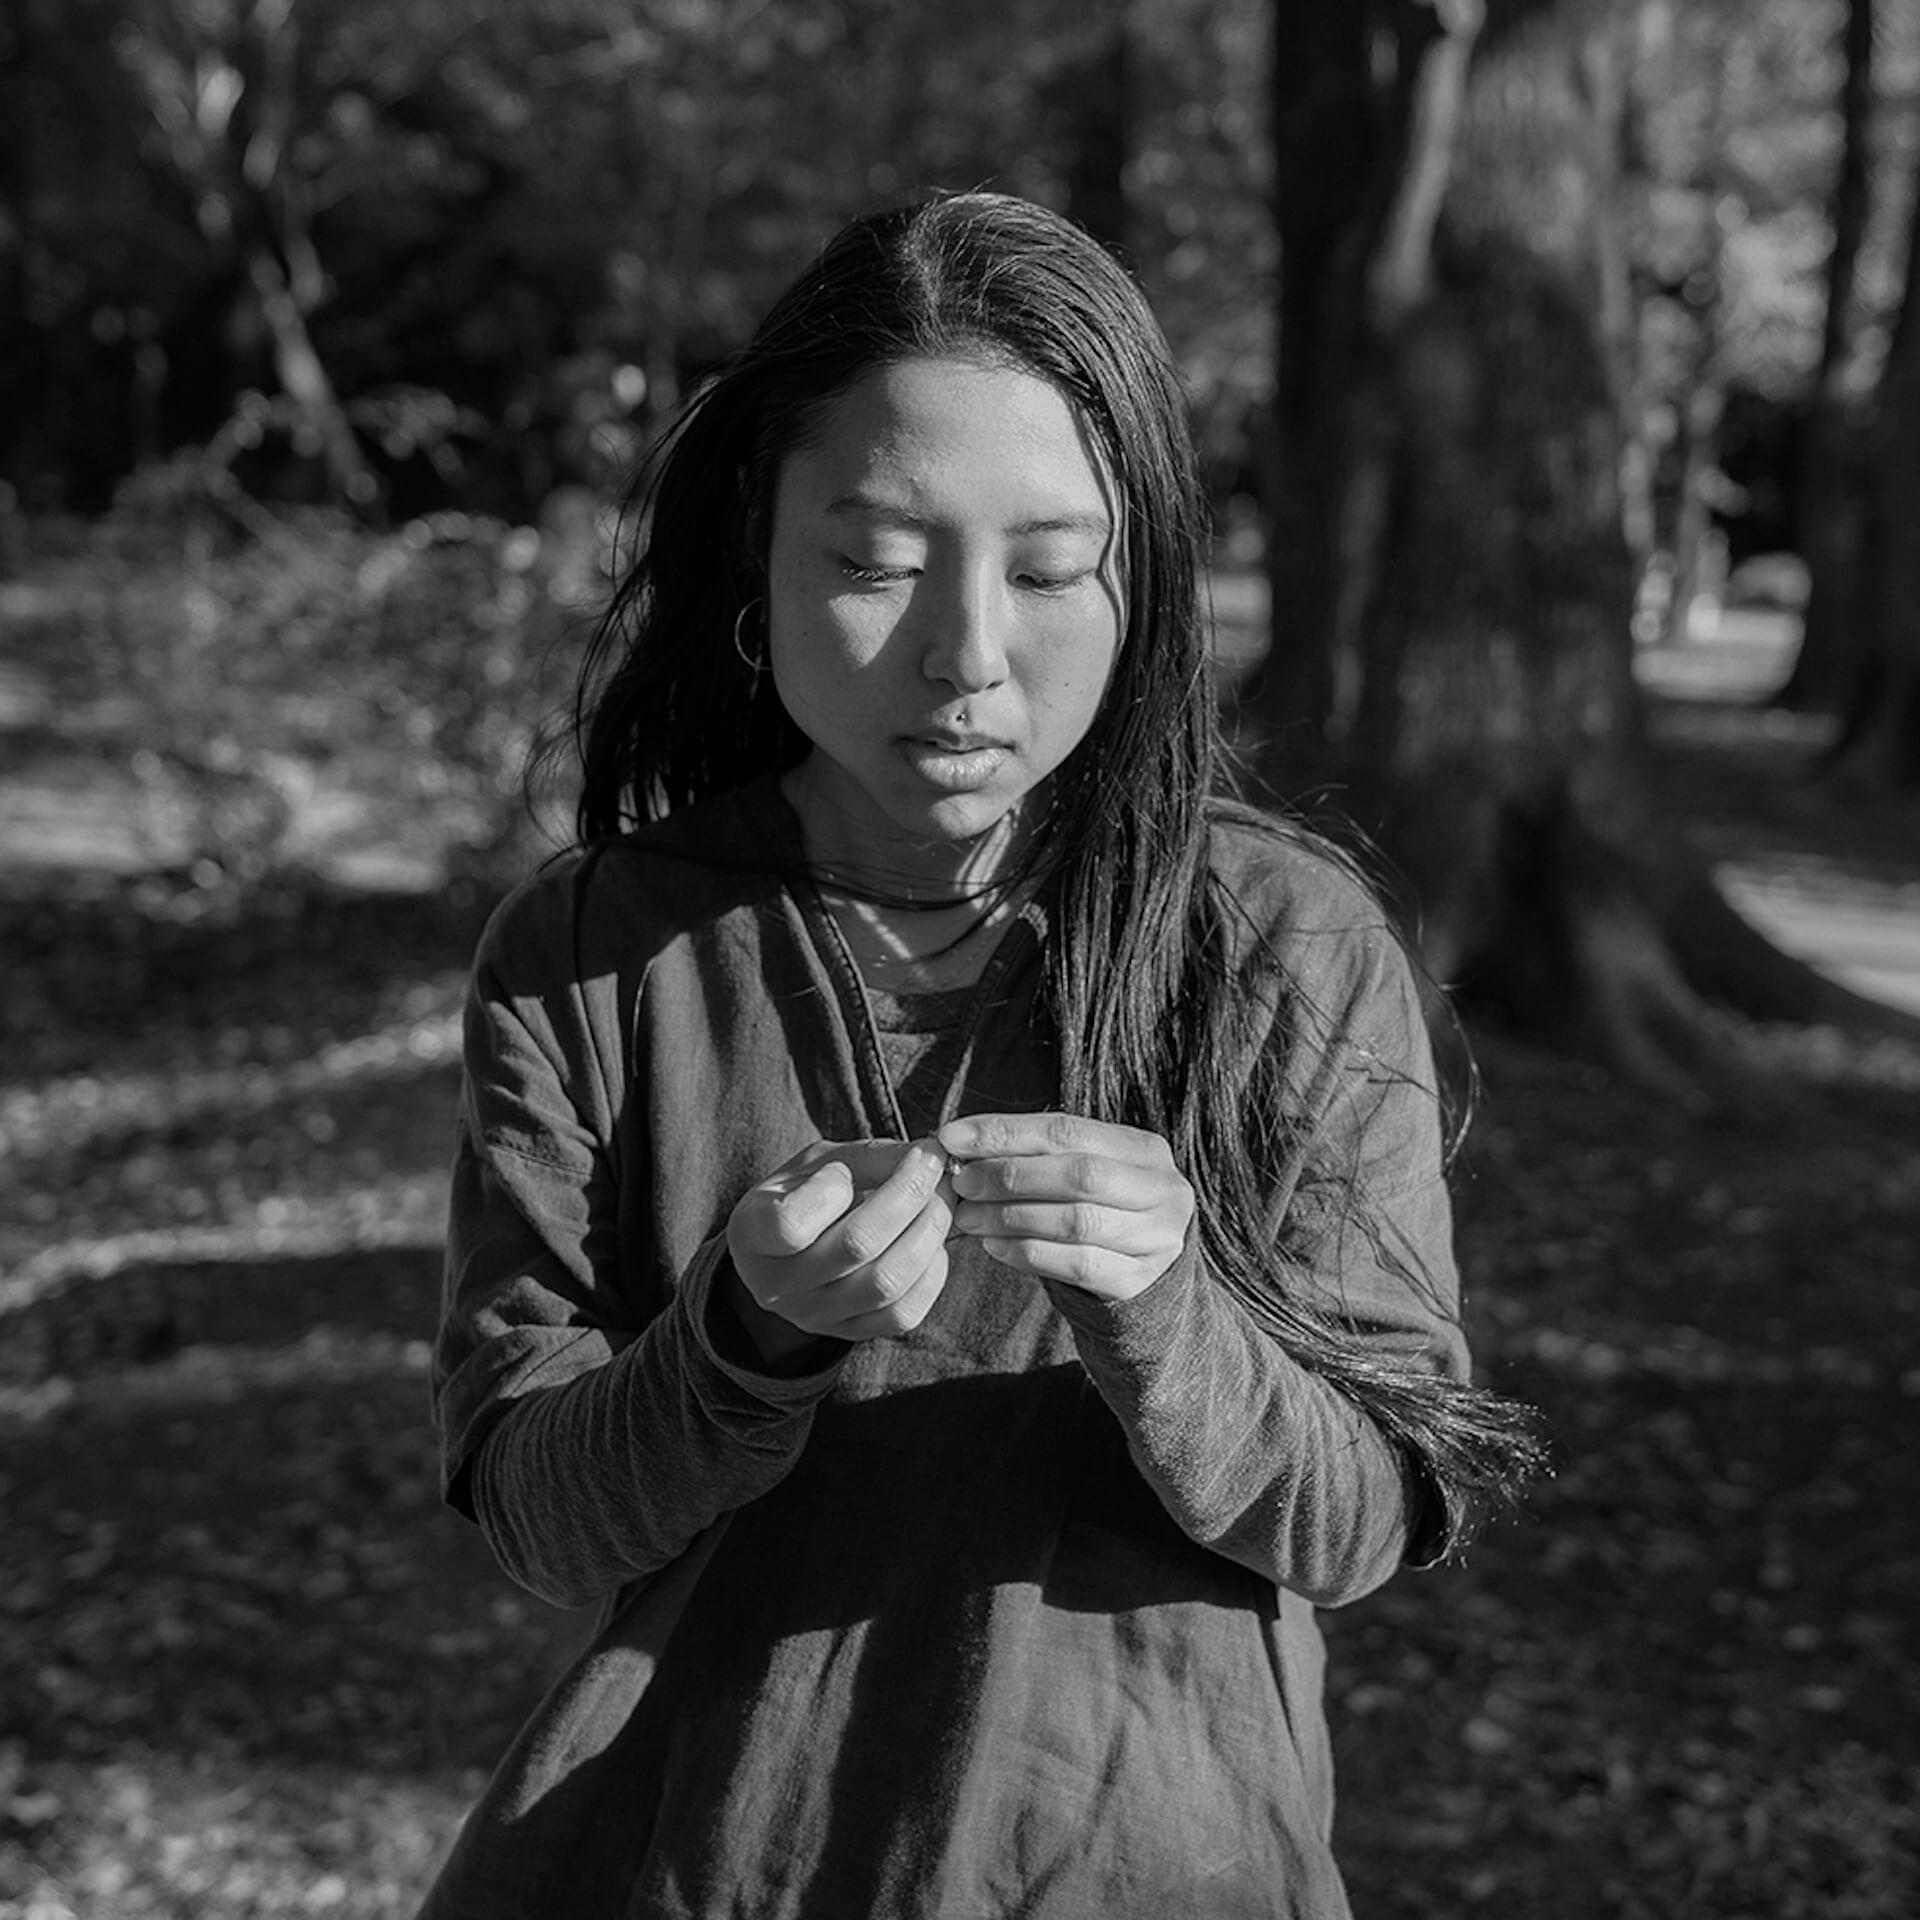 音×禅×食を楽しめる<MUSO Culture Festival>にDJ KRUSH、Yosi Horikawaらが出演決定!アフターパーティーにはKaoru Inoue、ermhoiらが登場 music201225_muso-festival_4-1920x1920